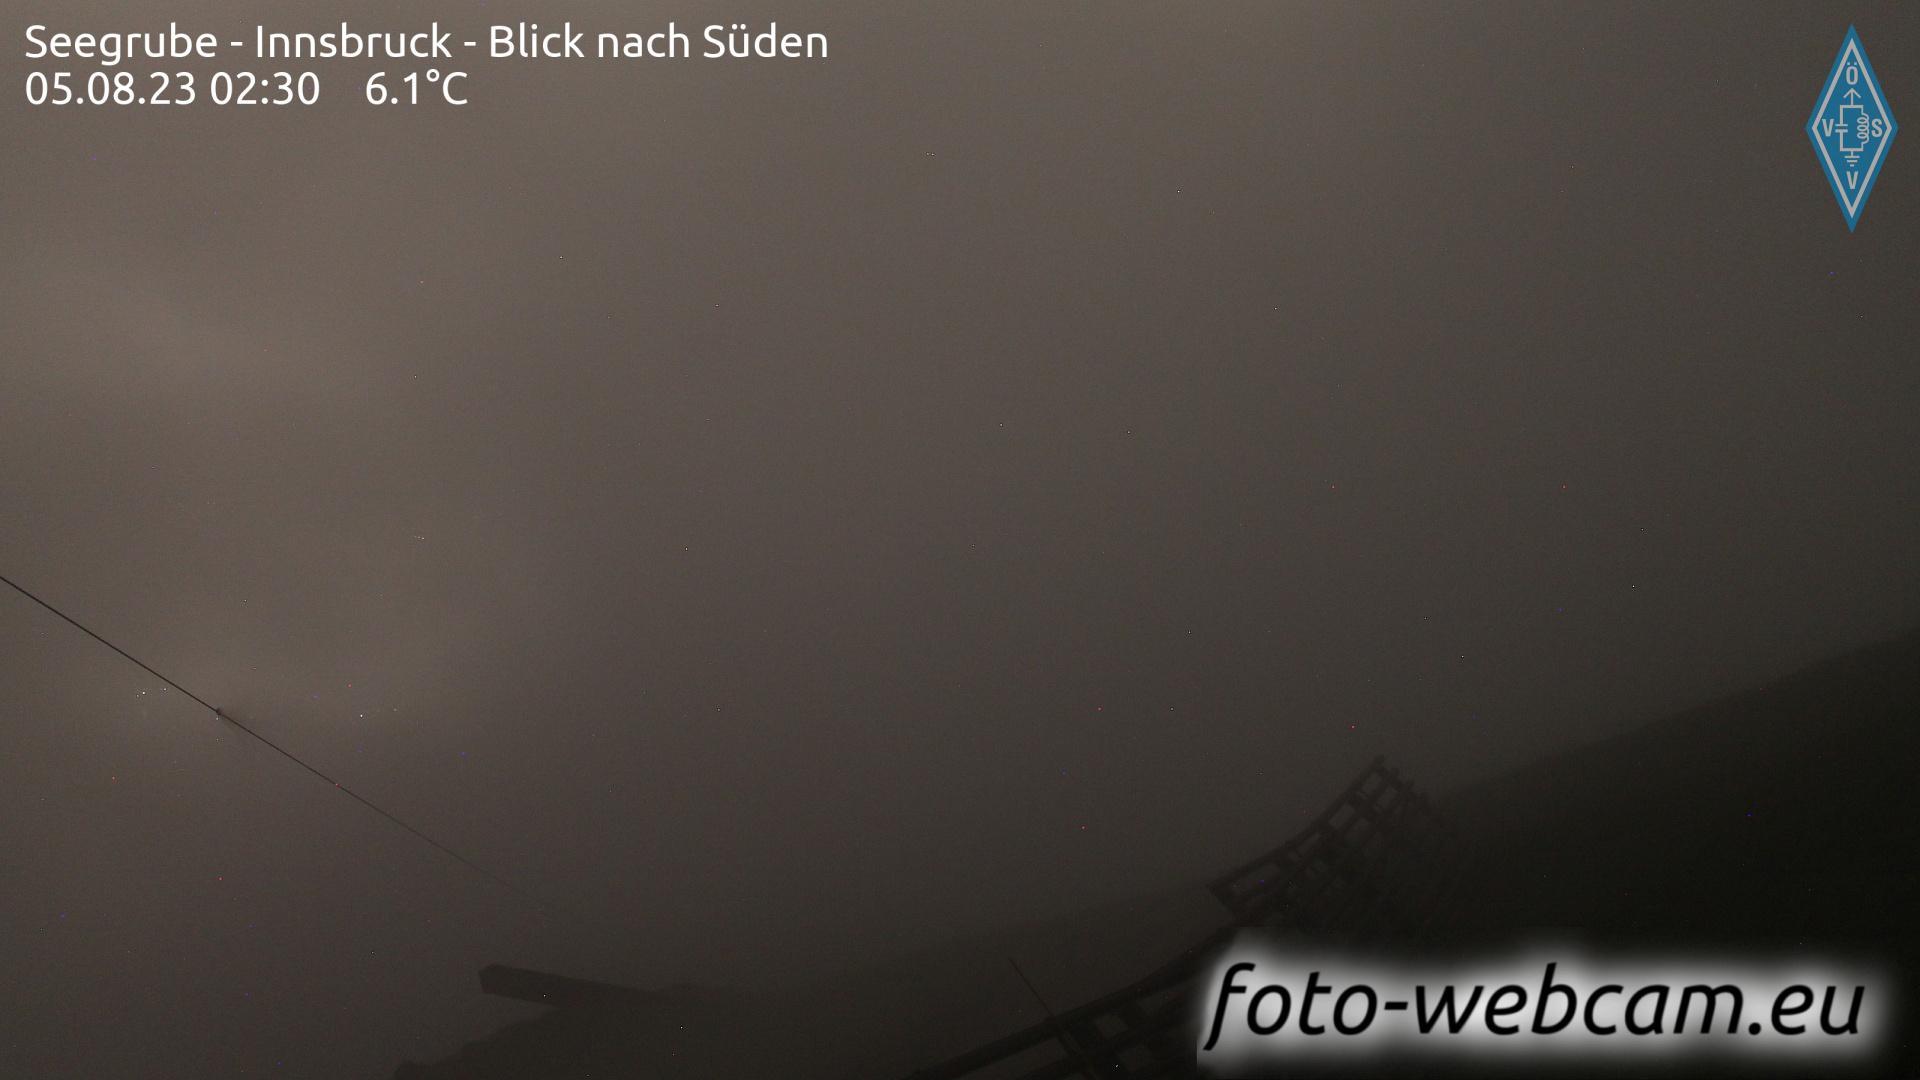 Webcam Innsbruck (Innenstadt): Seegrube − Innsbruck − Bli